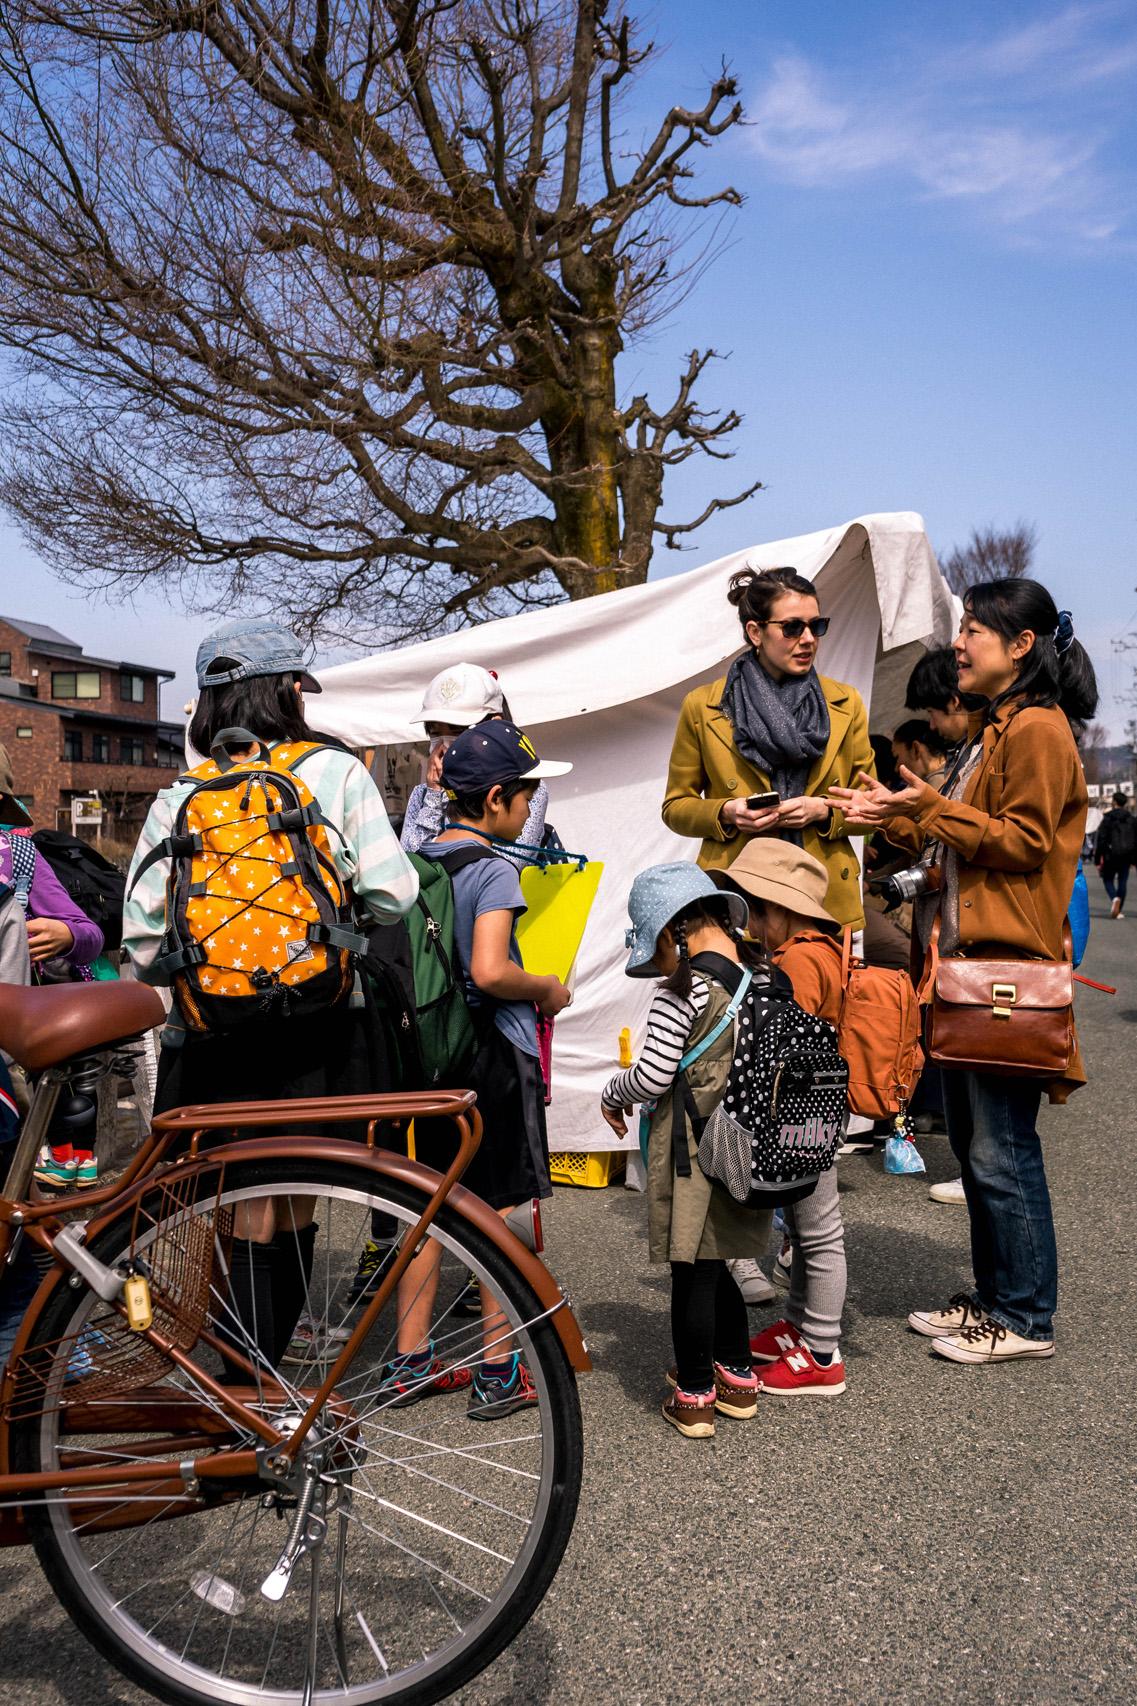 On the Miyagawa market